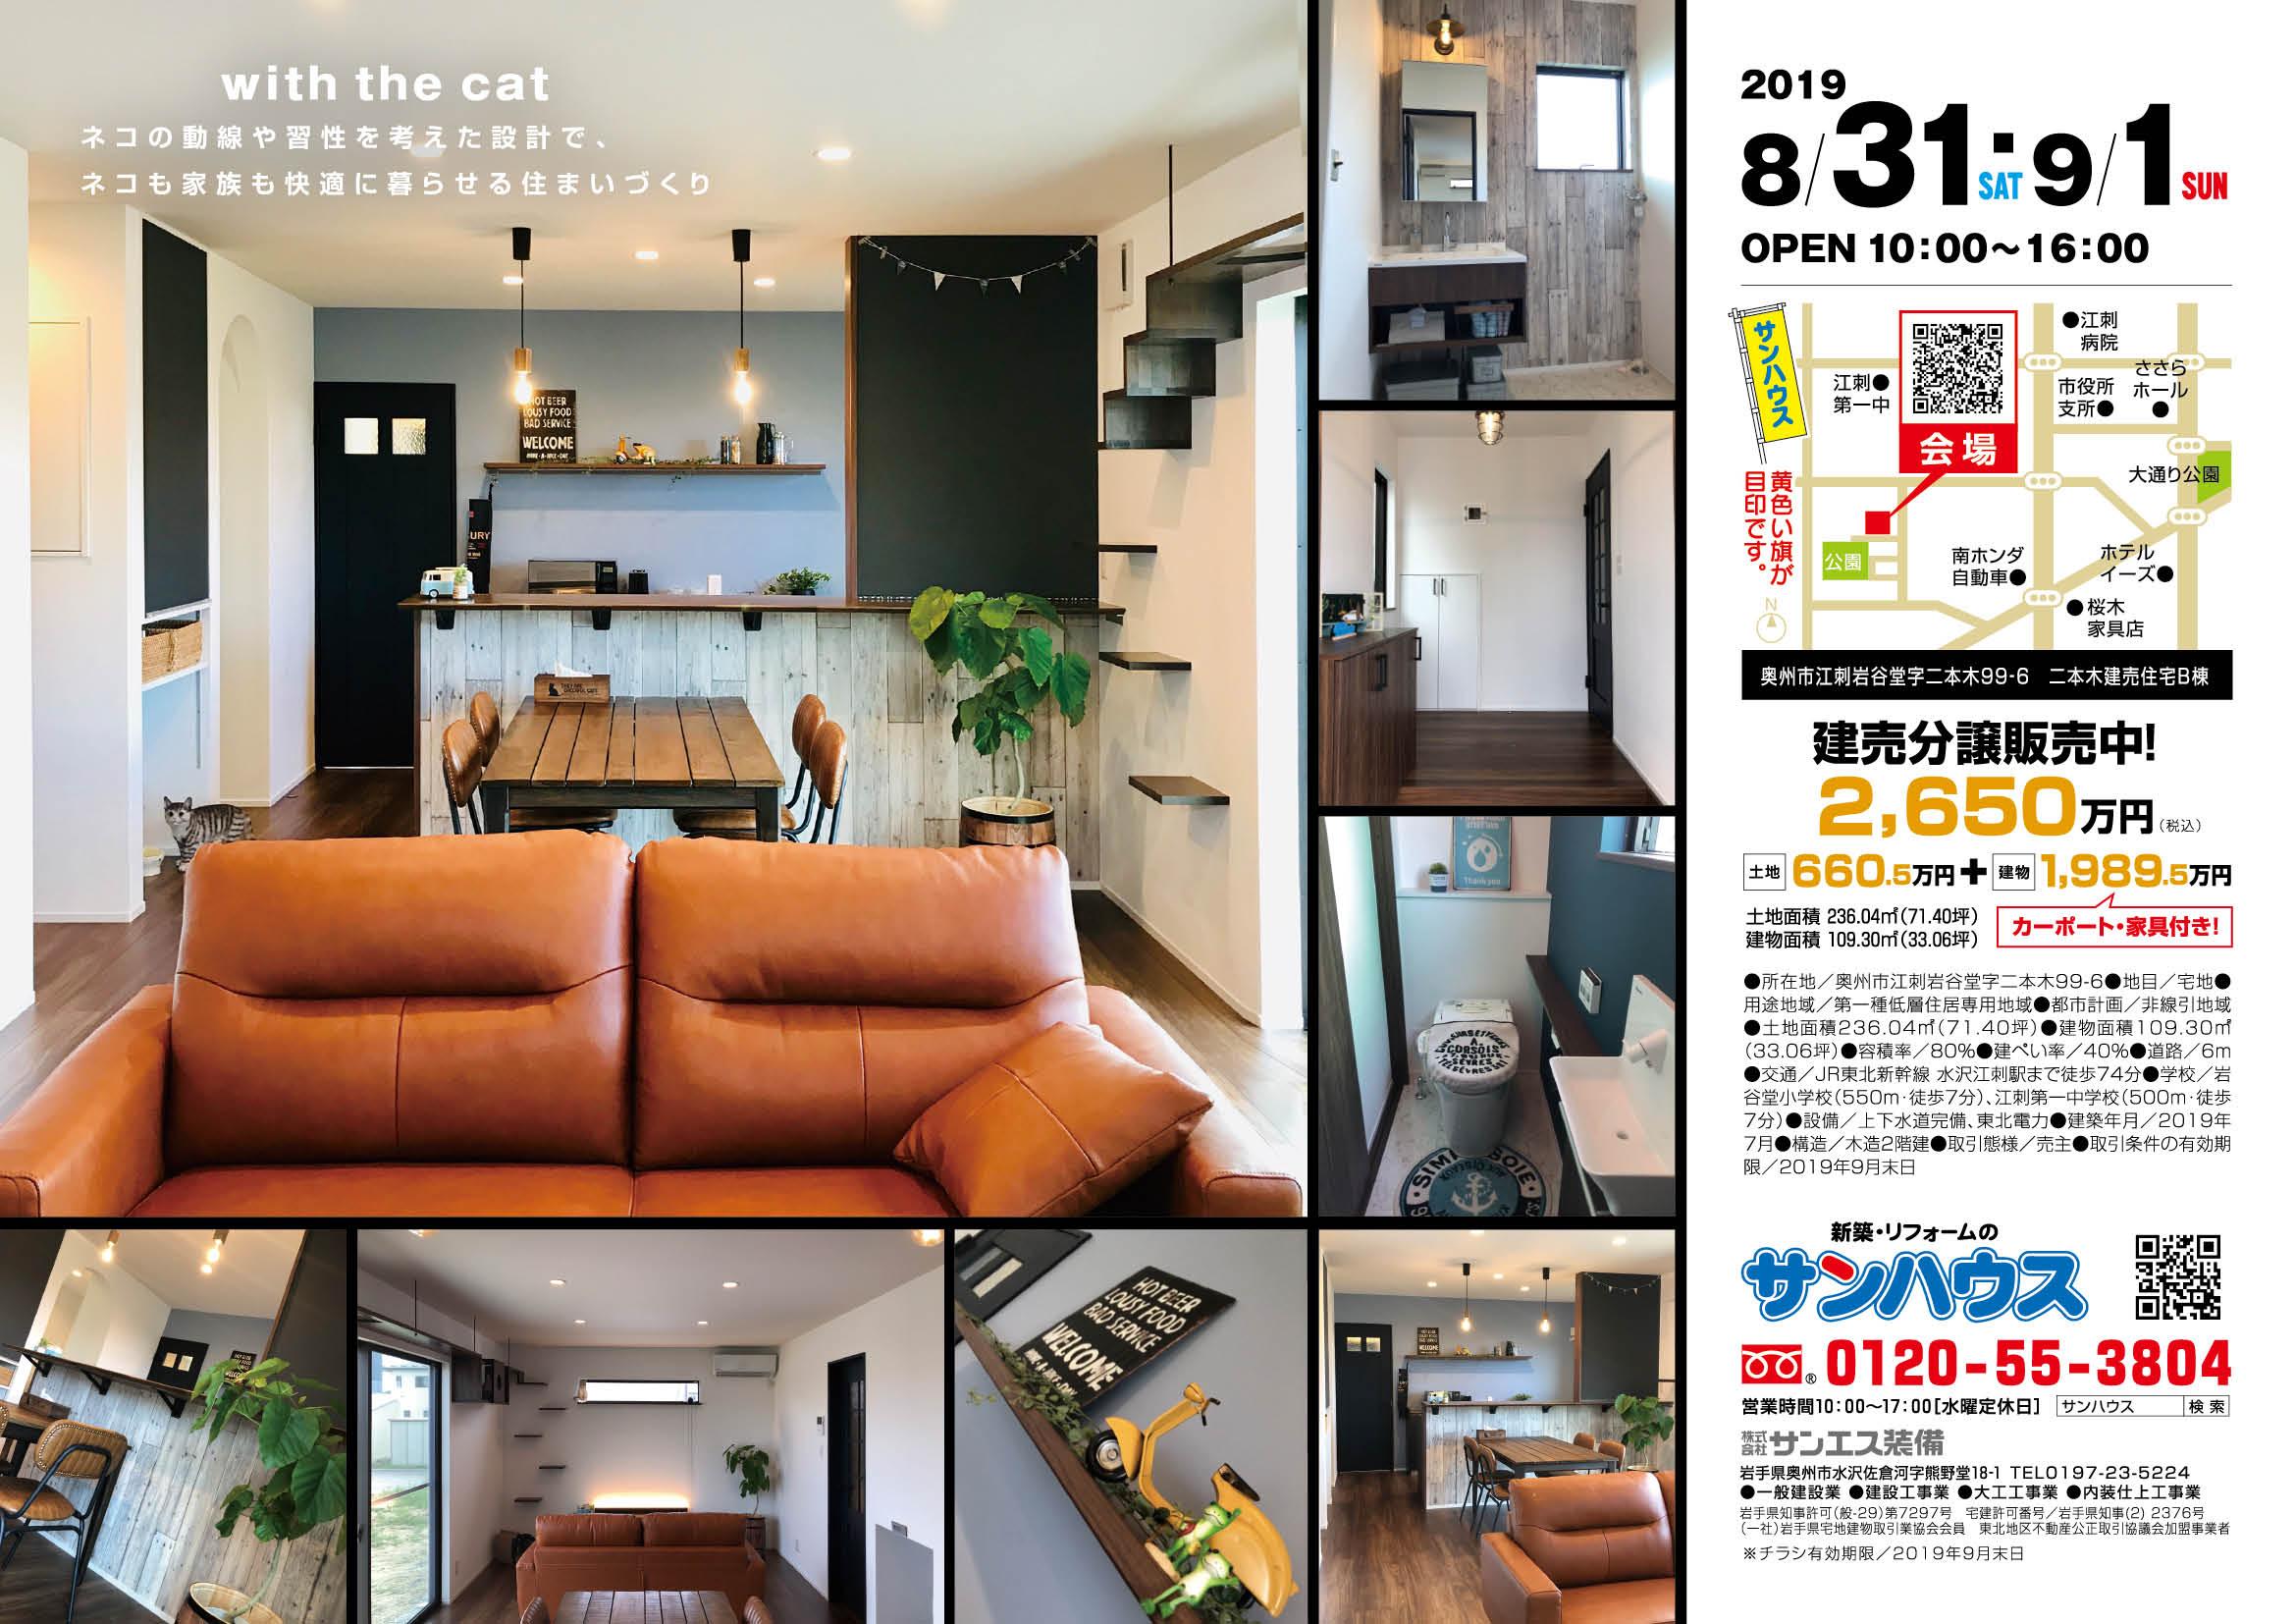 *開催しました*【江刺・『 猫と共に暮らす家 』オープンハウス・建売分譲販売会開催!】8月31日(土)・9月1日(日)